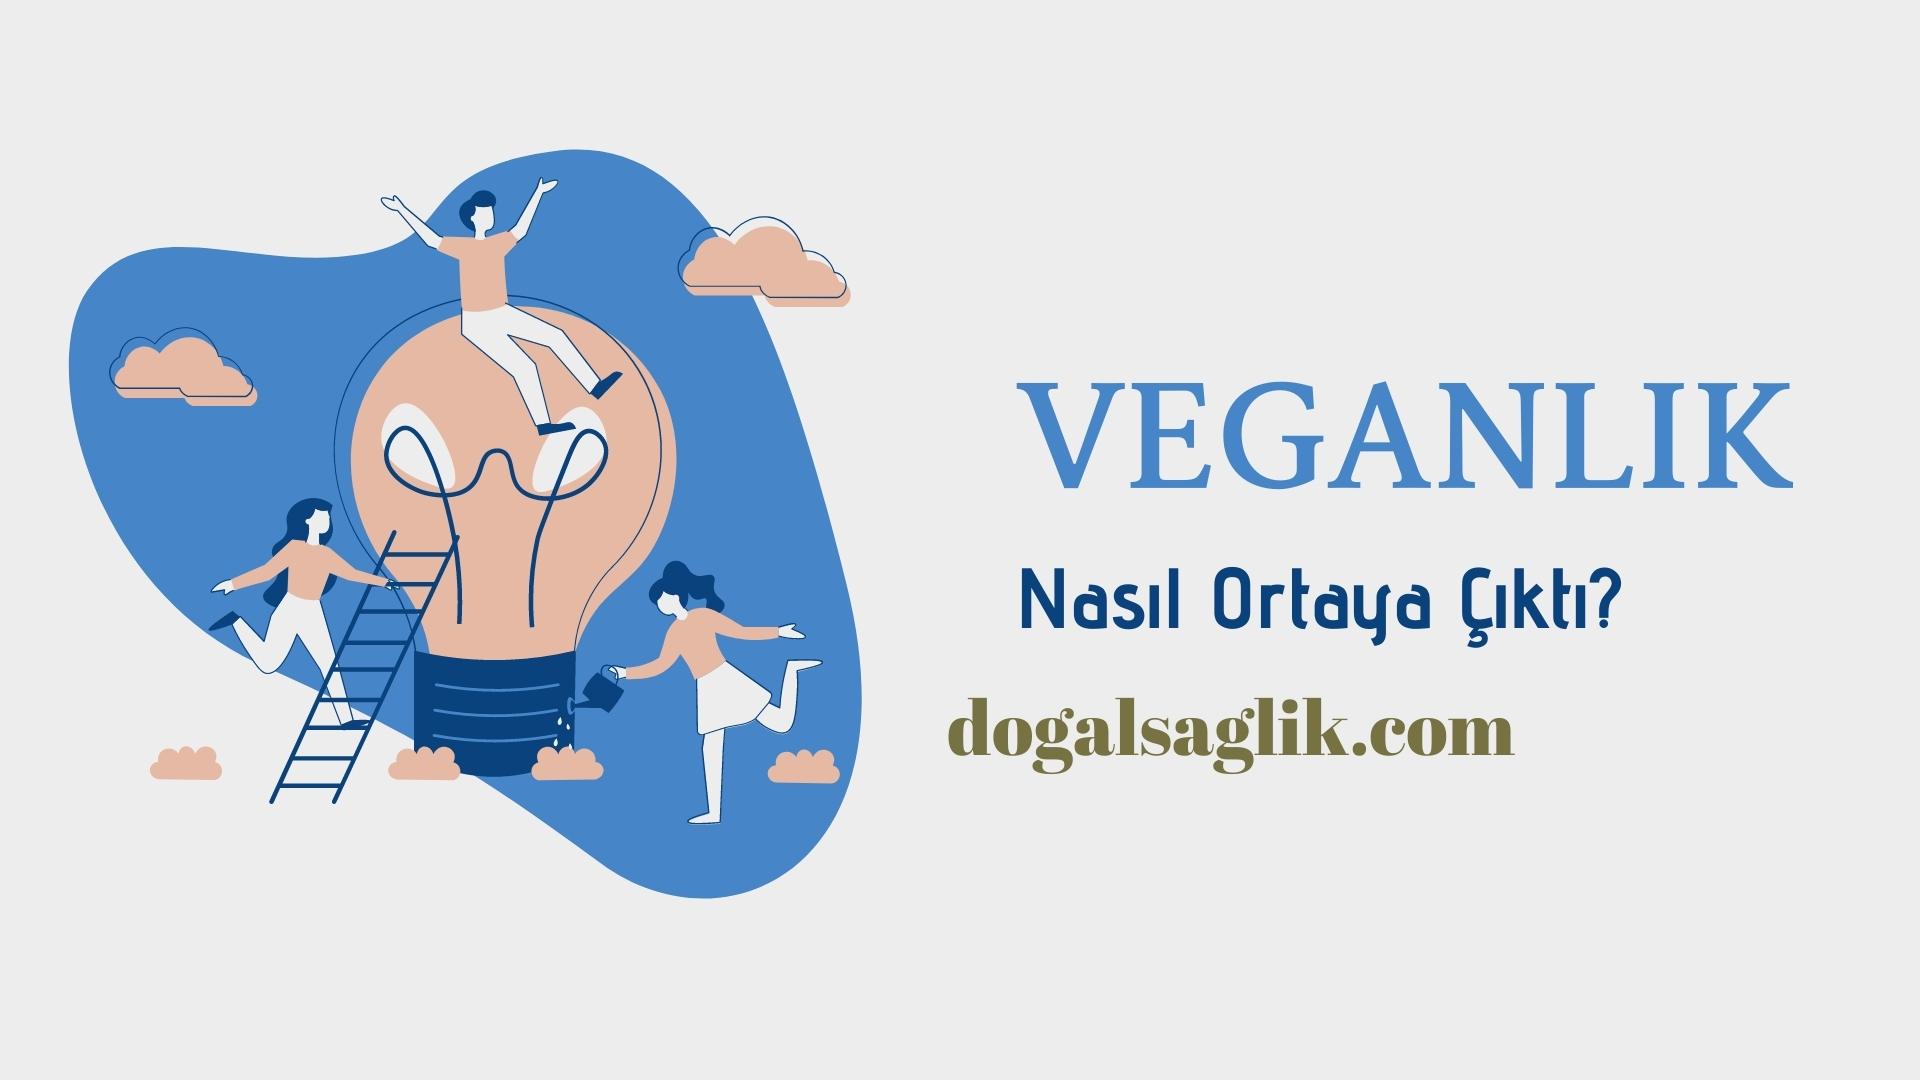 Veganlık Nasıl Ortaya Çıktı